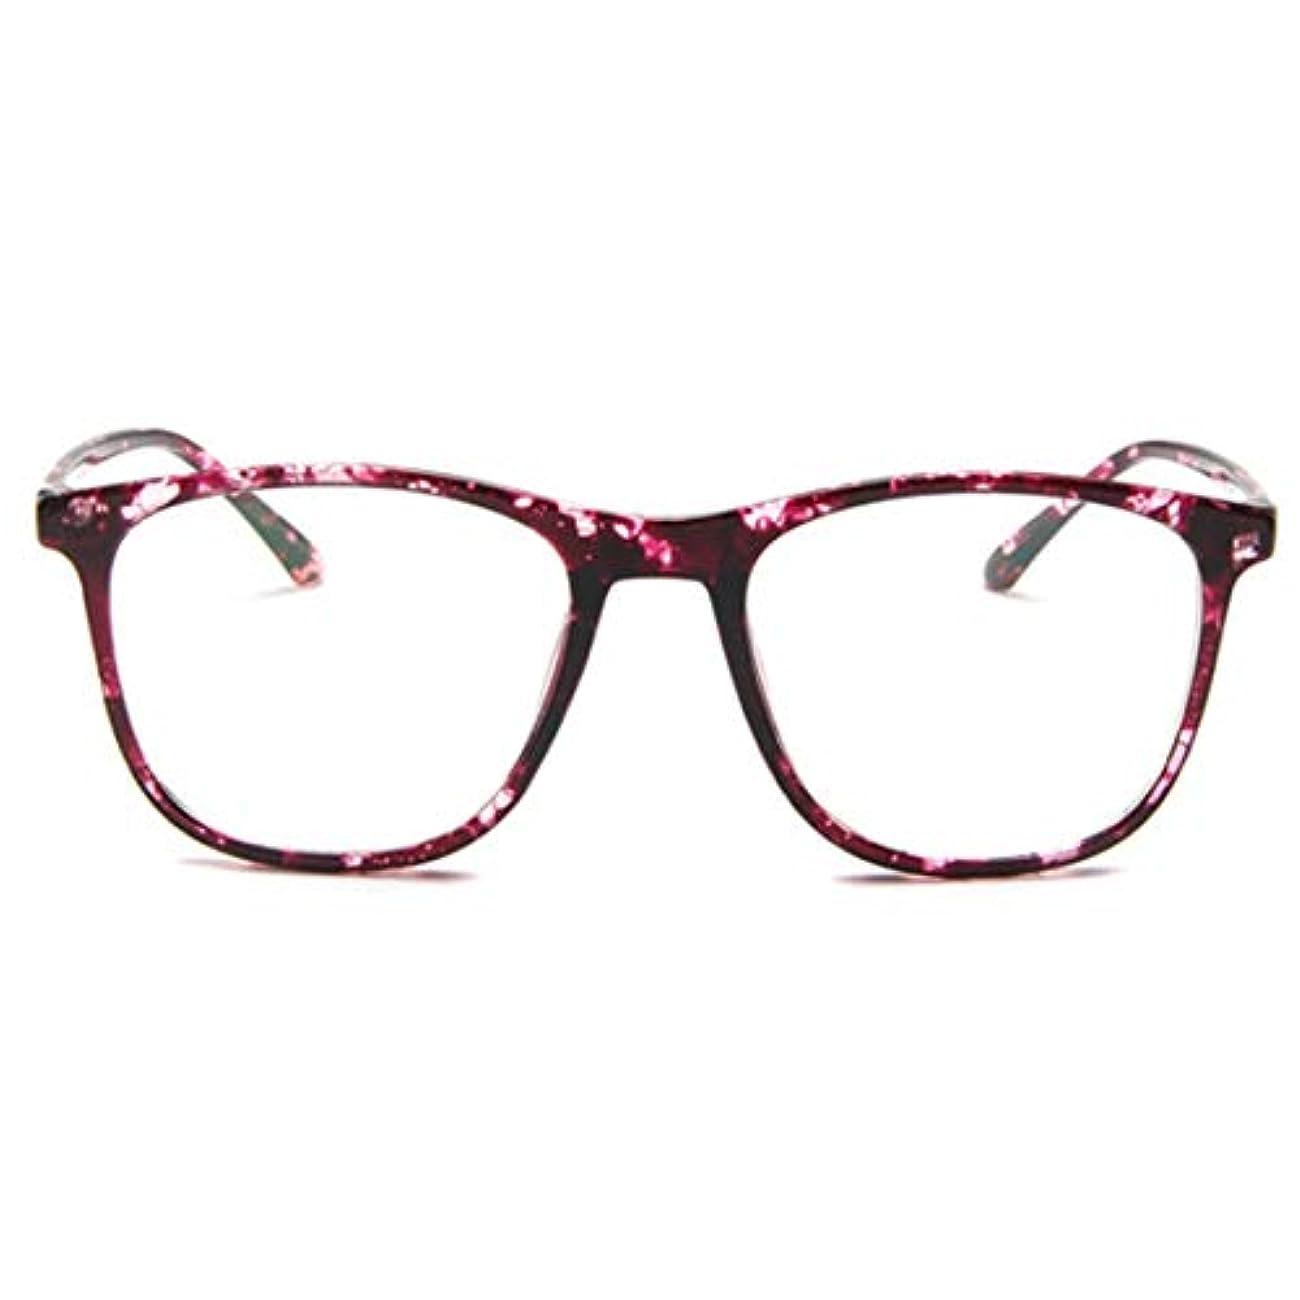 どう?繁栄するエール韓国の学生のプレーンメガネ男性と女性のファッションメガネフレーム近視メガネフレームファッショナブルなシンプルなメガネ-パープル